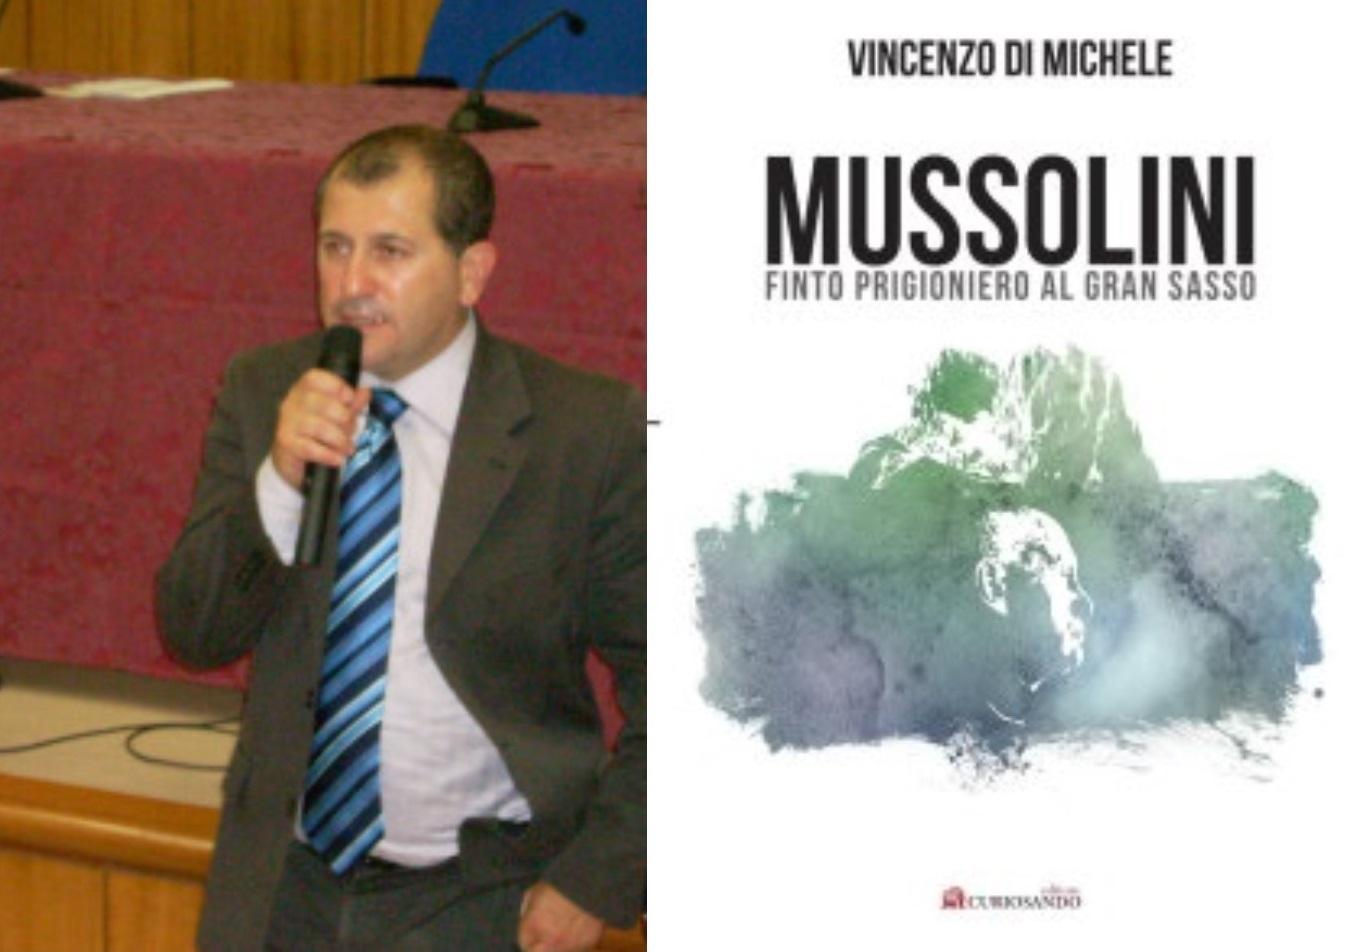 Falsa prigionia di Mussolini al Gran Sasso, testimonianze inedite per una storia da riscrivere – Vincenzo Di Michele